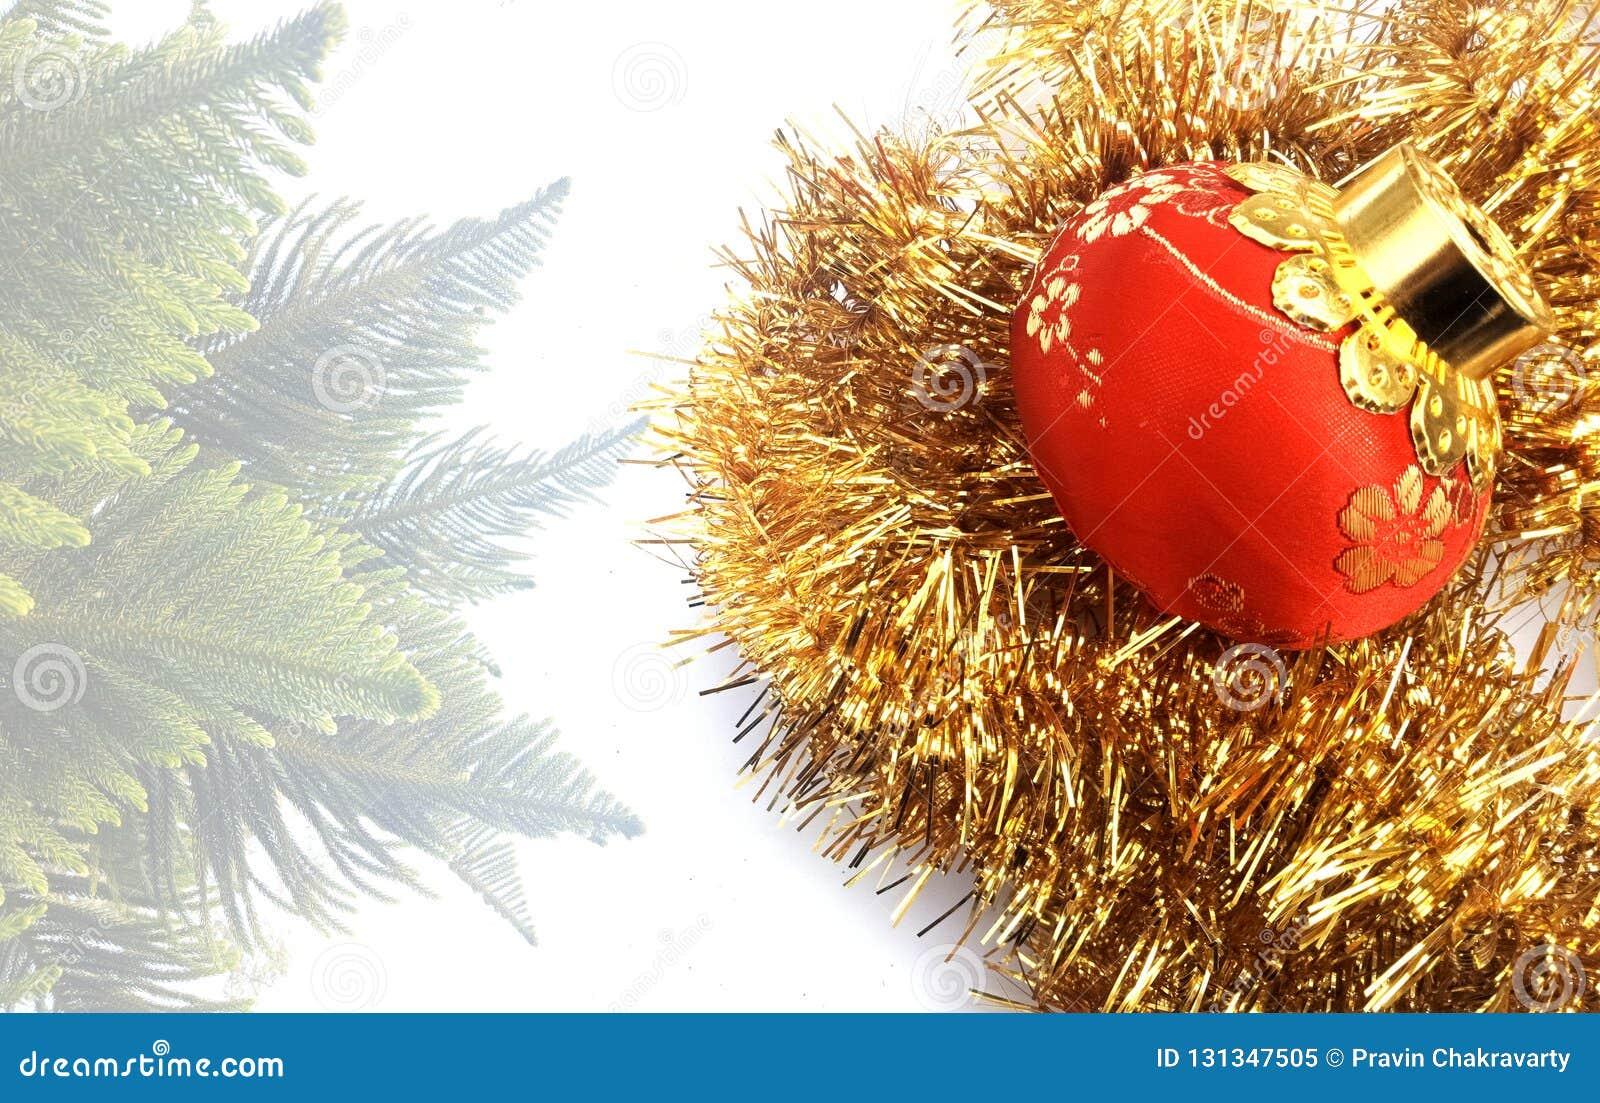 Bożenarodzeniowy tło z czerwienią i żółty ornament na białym textured tle